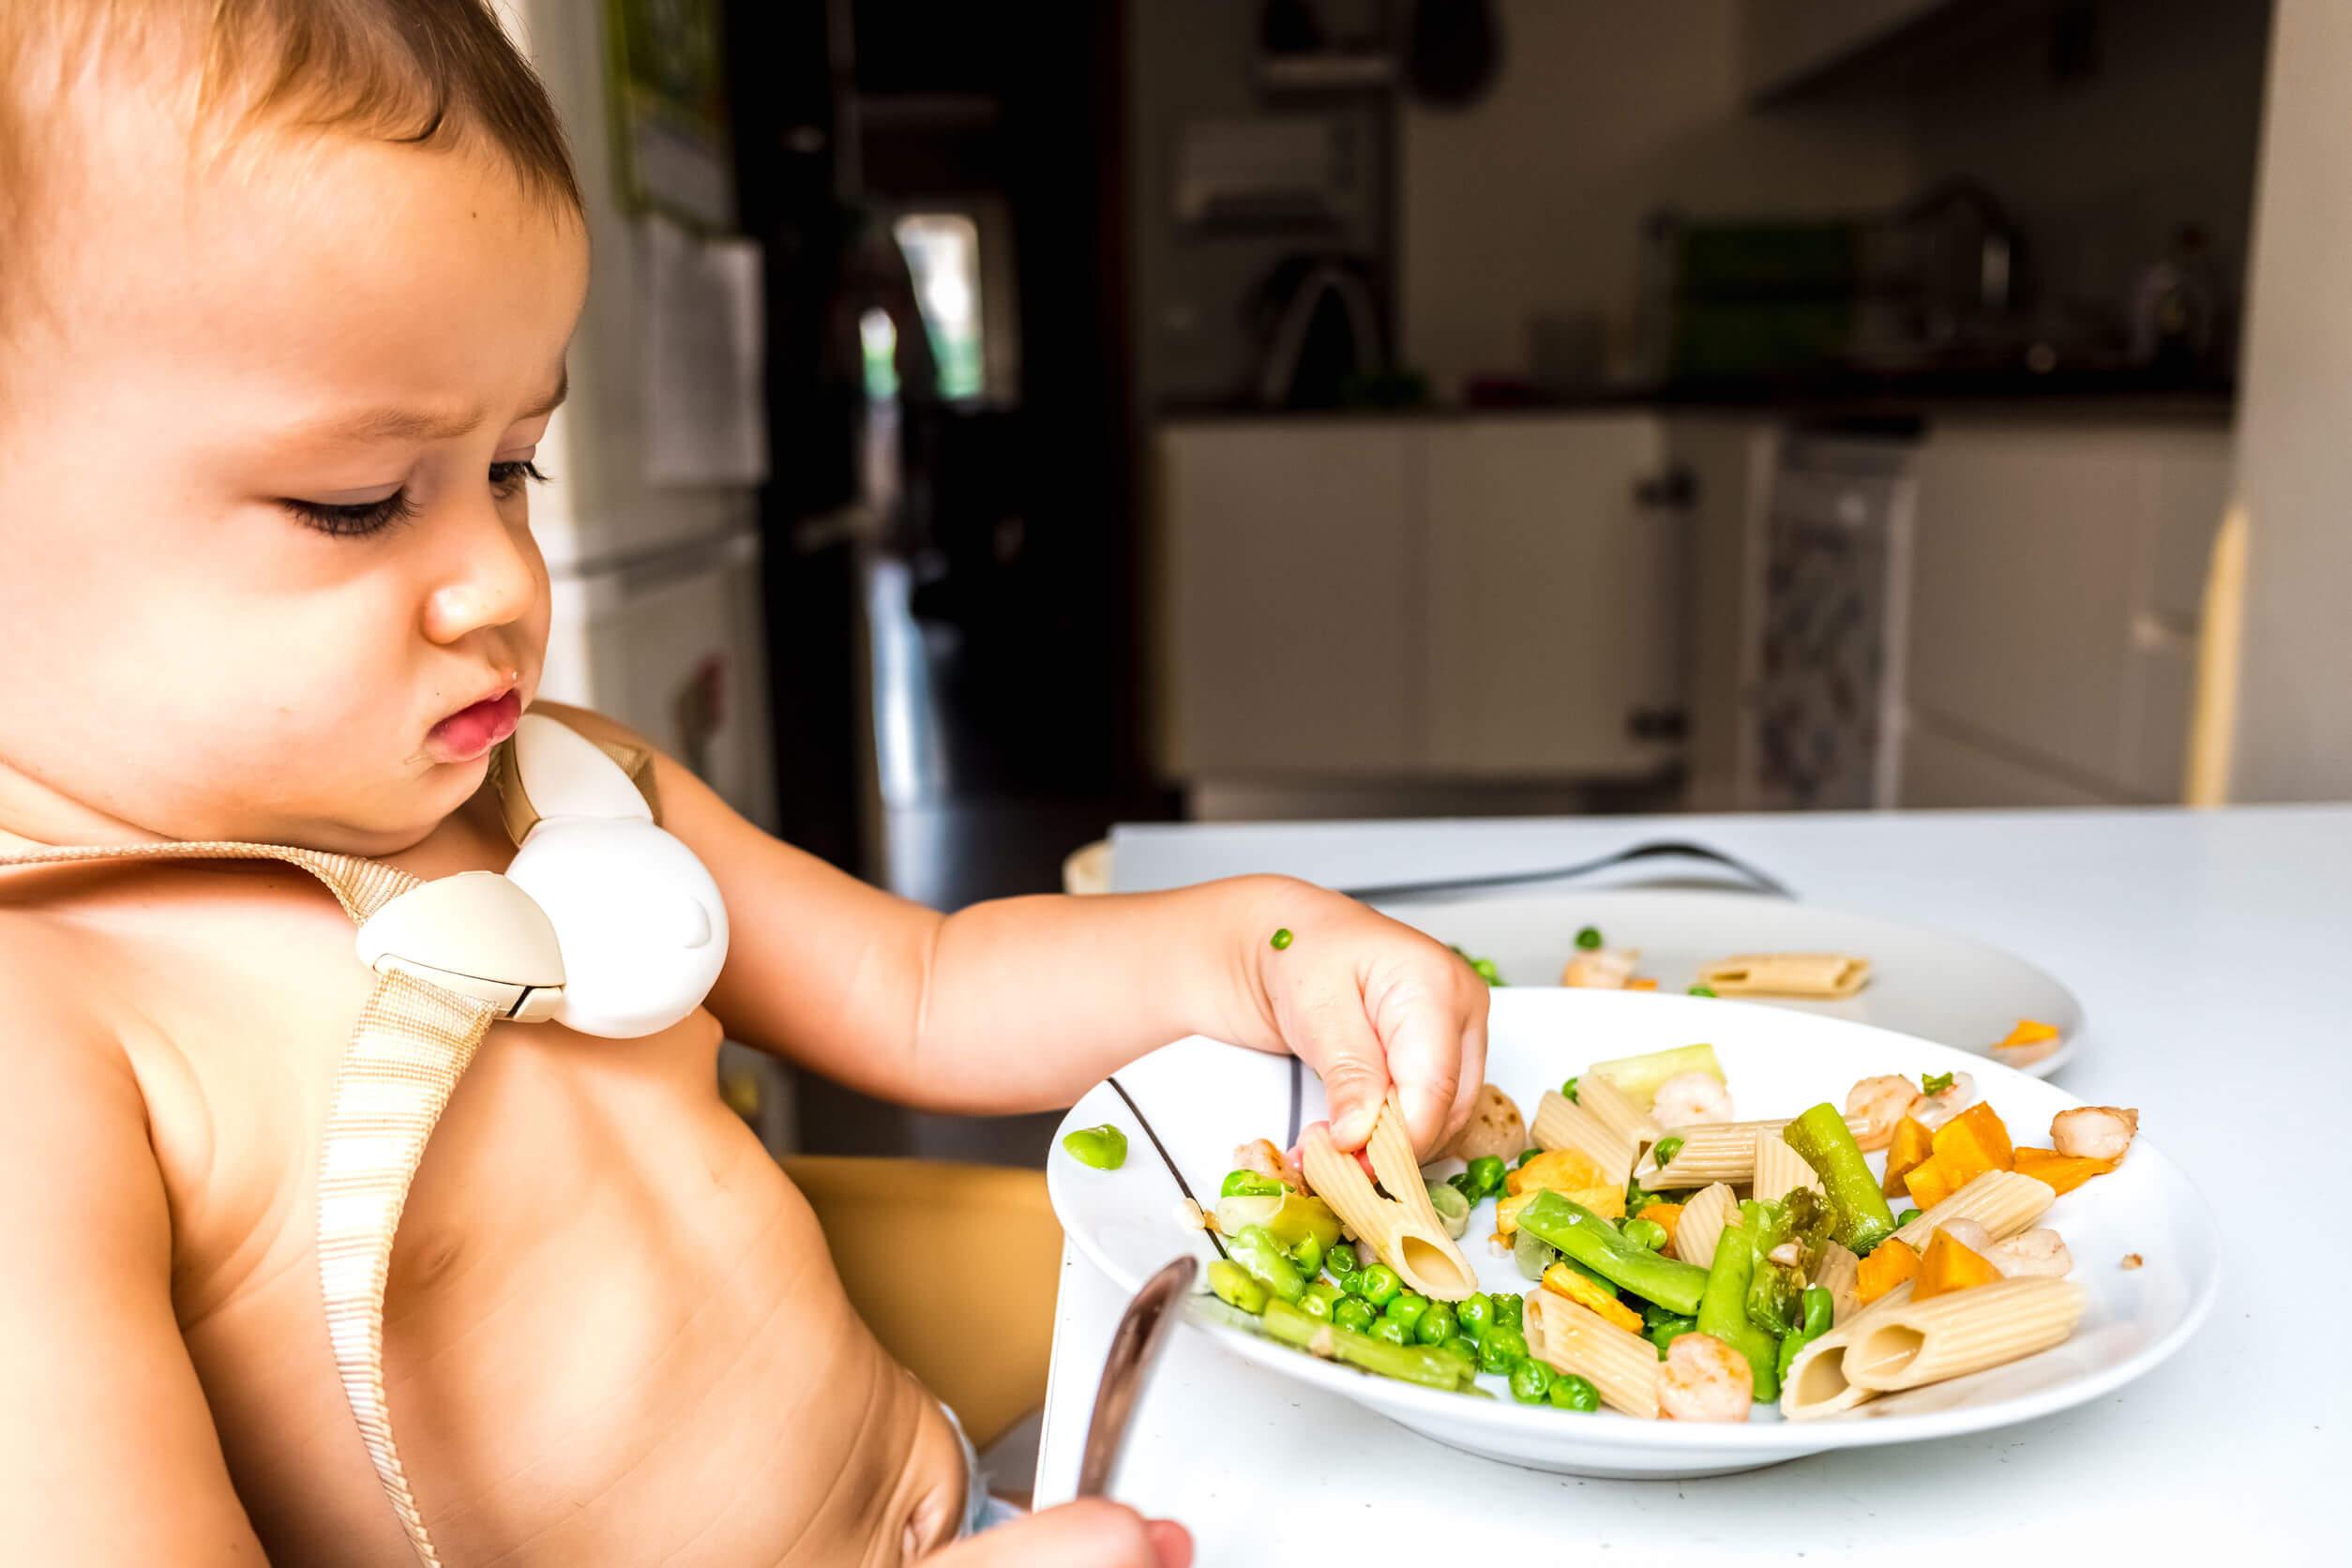 Niño aprendiendo a comer solo para evitar problemas de masticación.